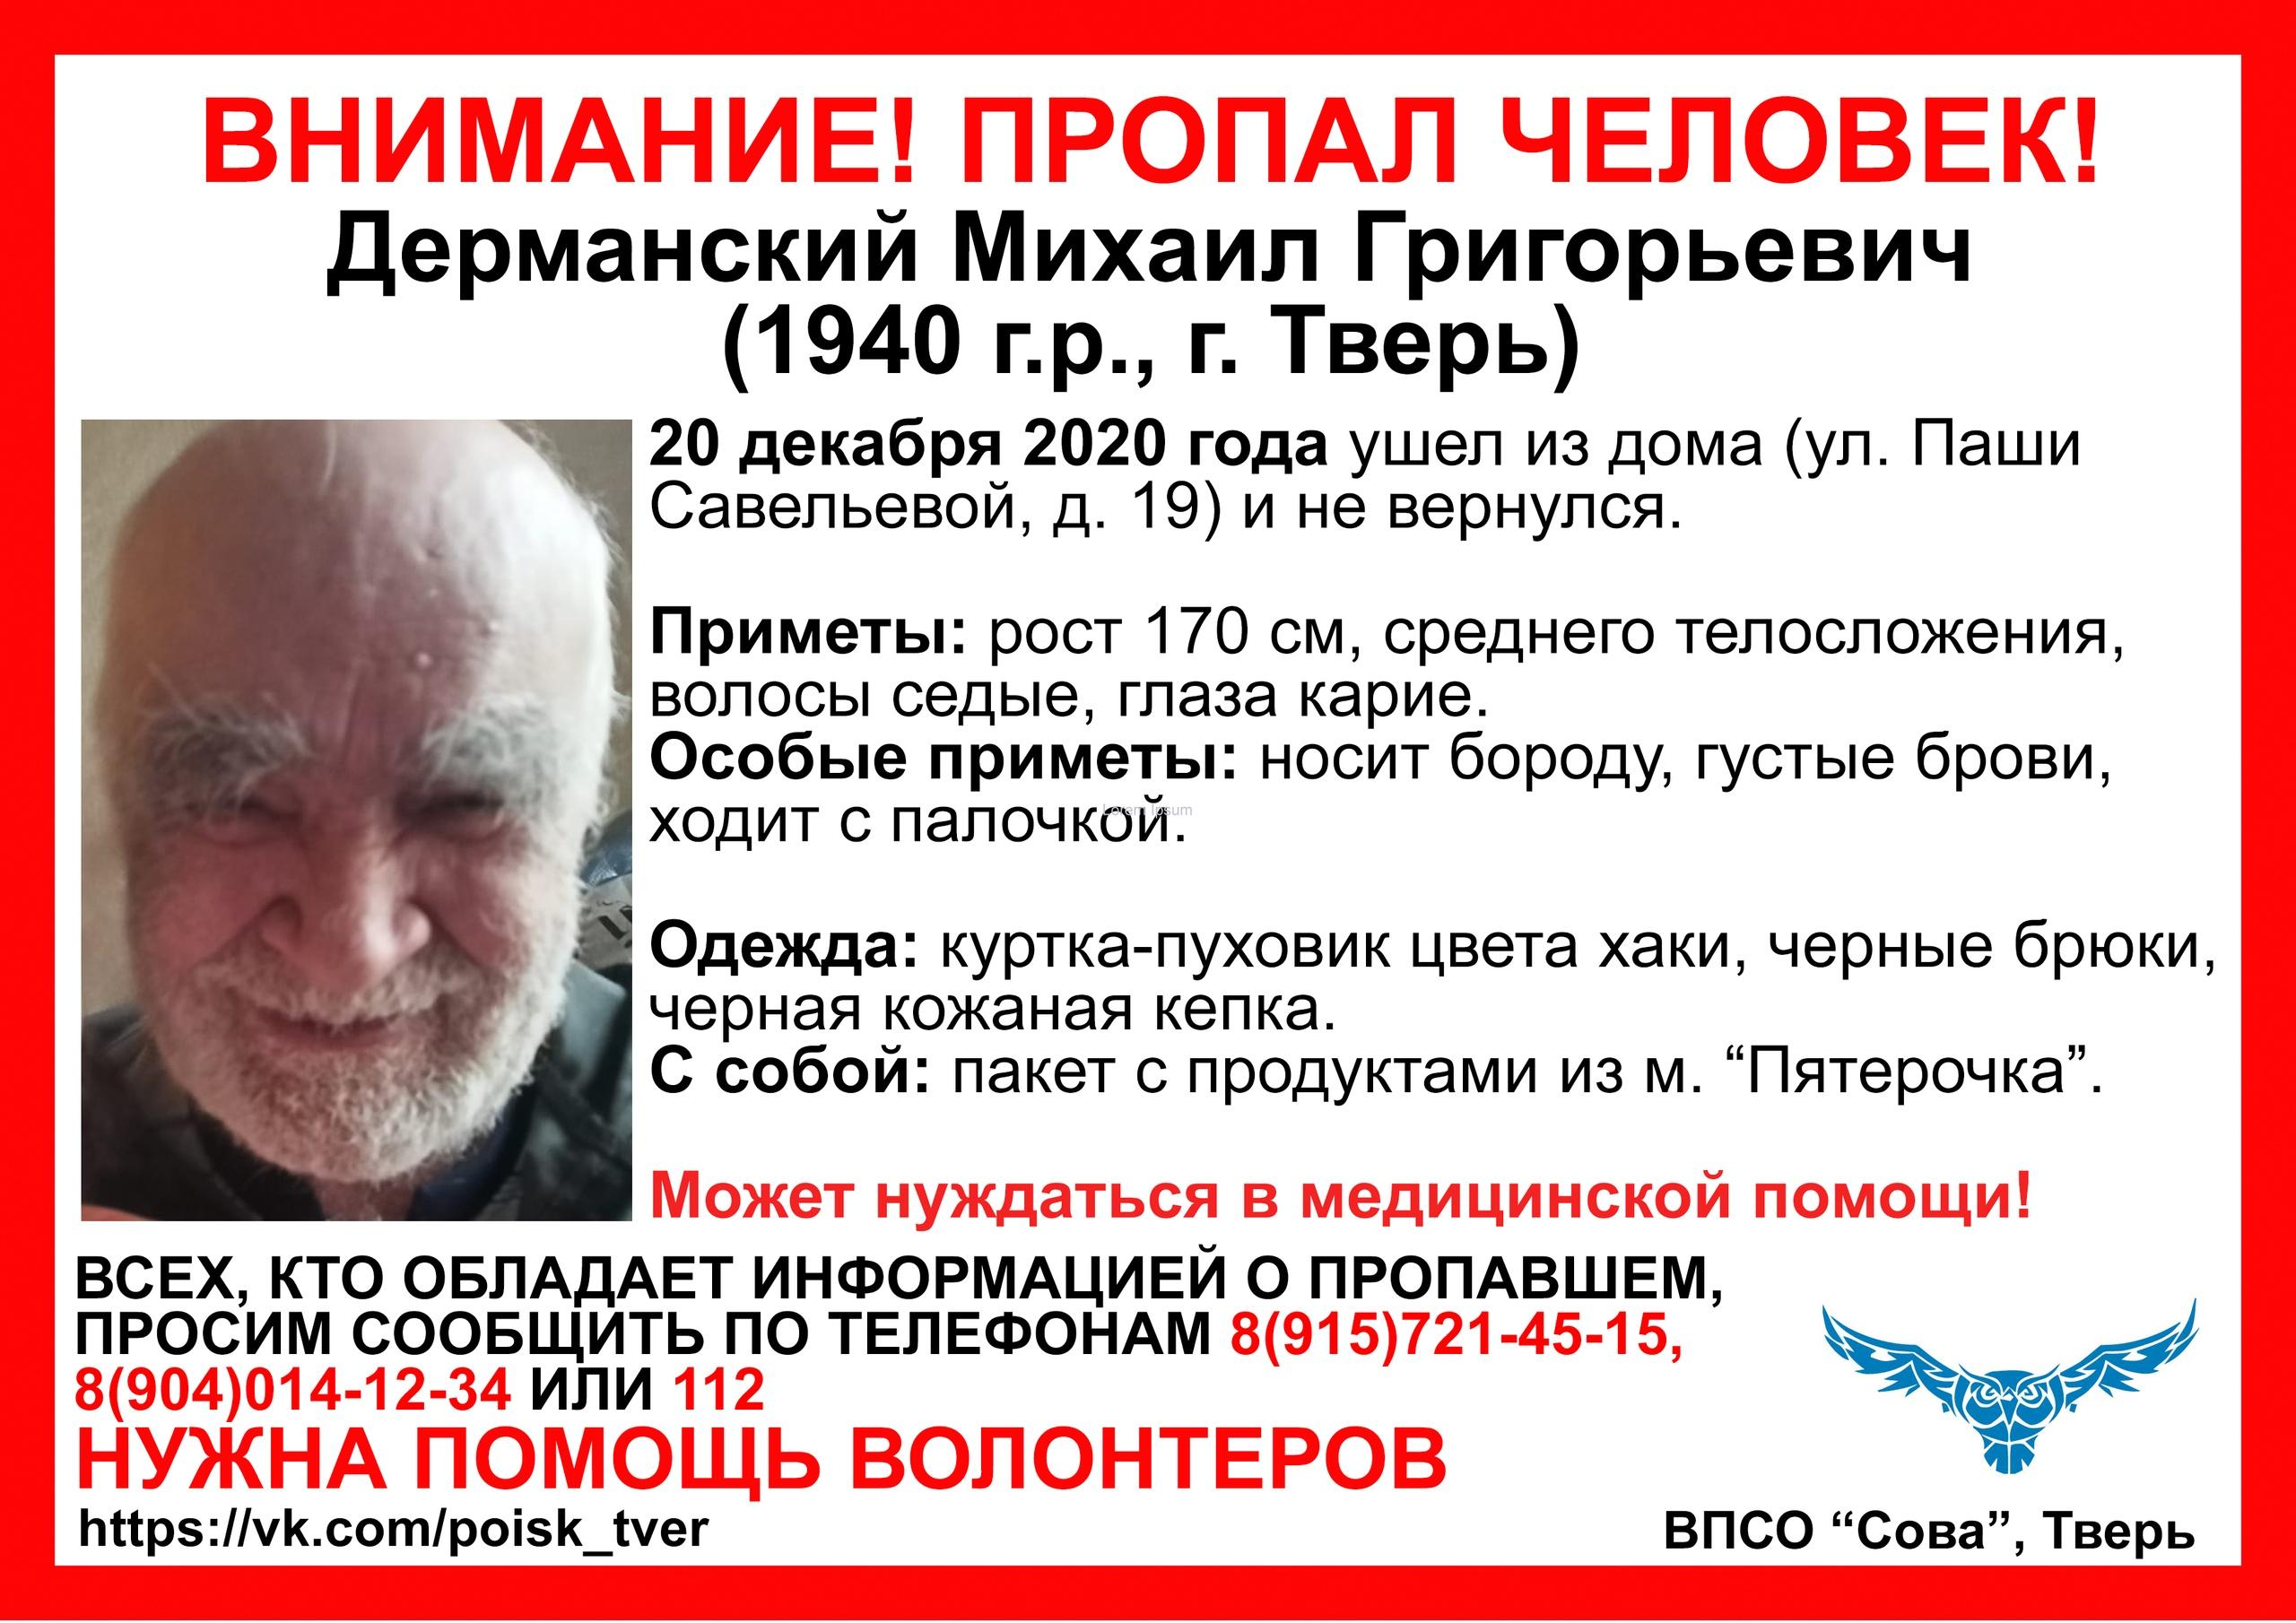 В Твери пропал бородатый пенсионер в пуховике цвета хаки